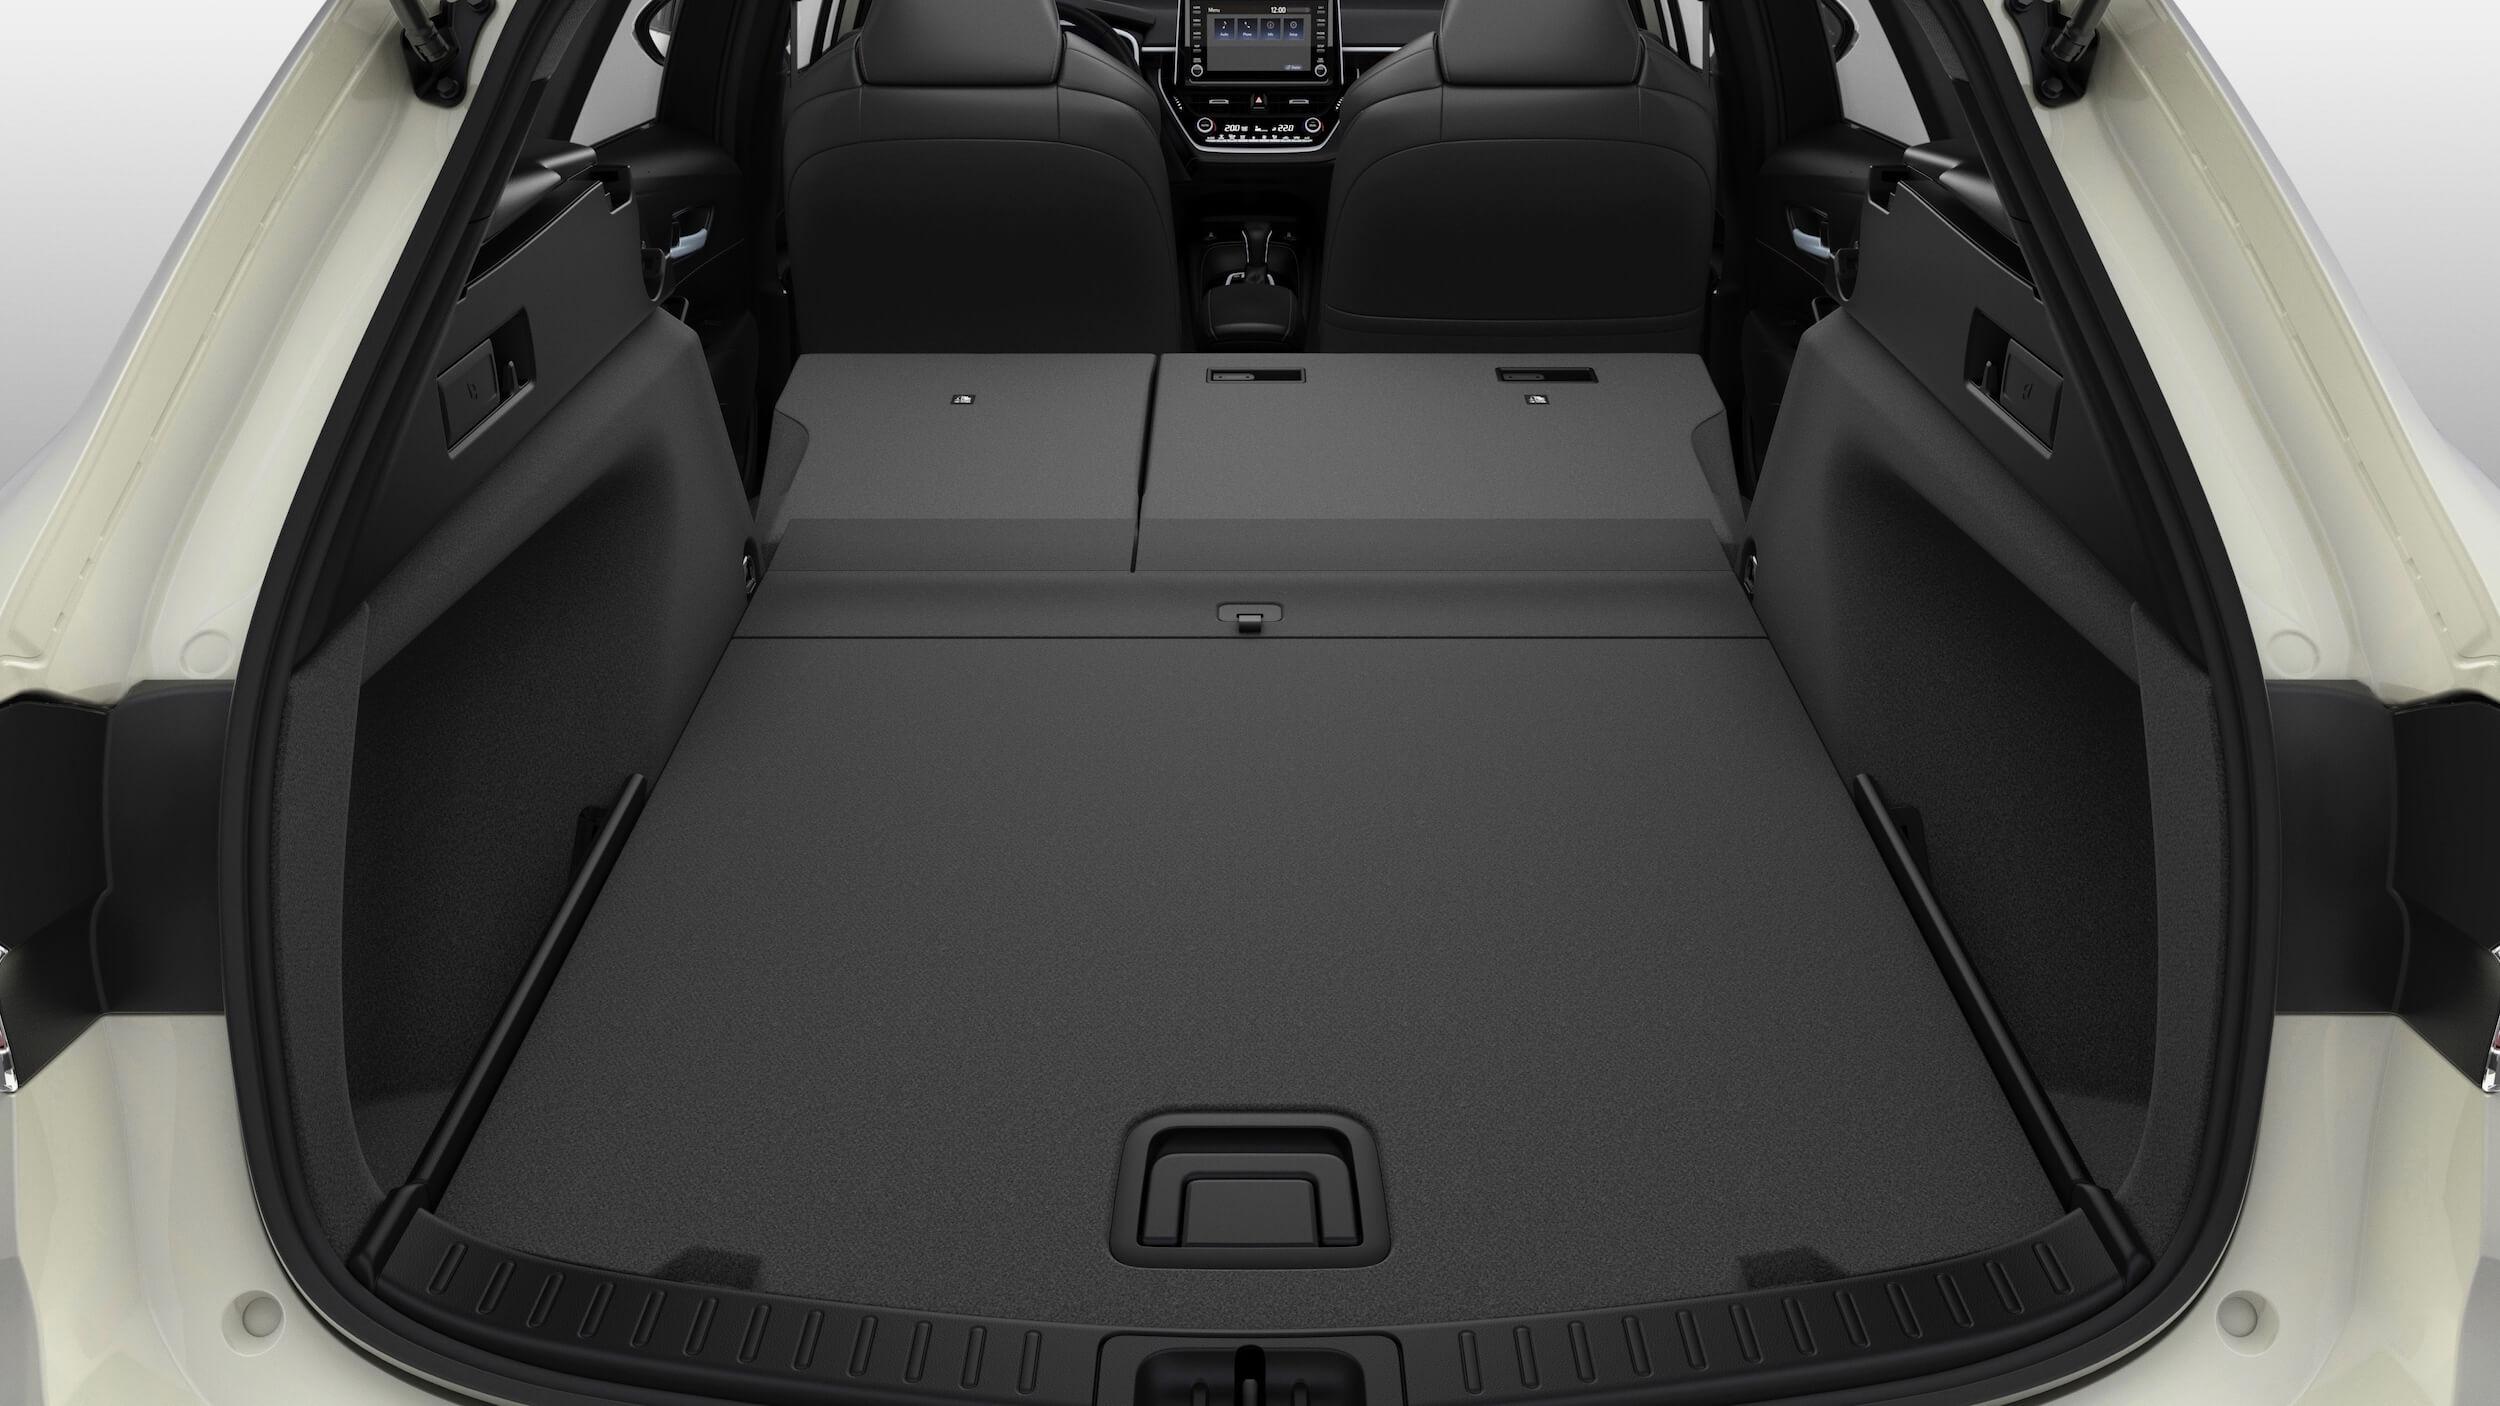 Suzuki Swace hybride koffer zetels neergeklapt